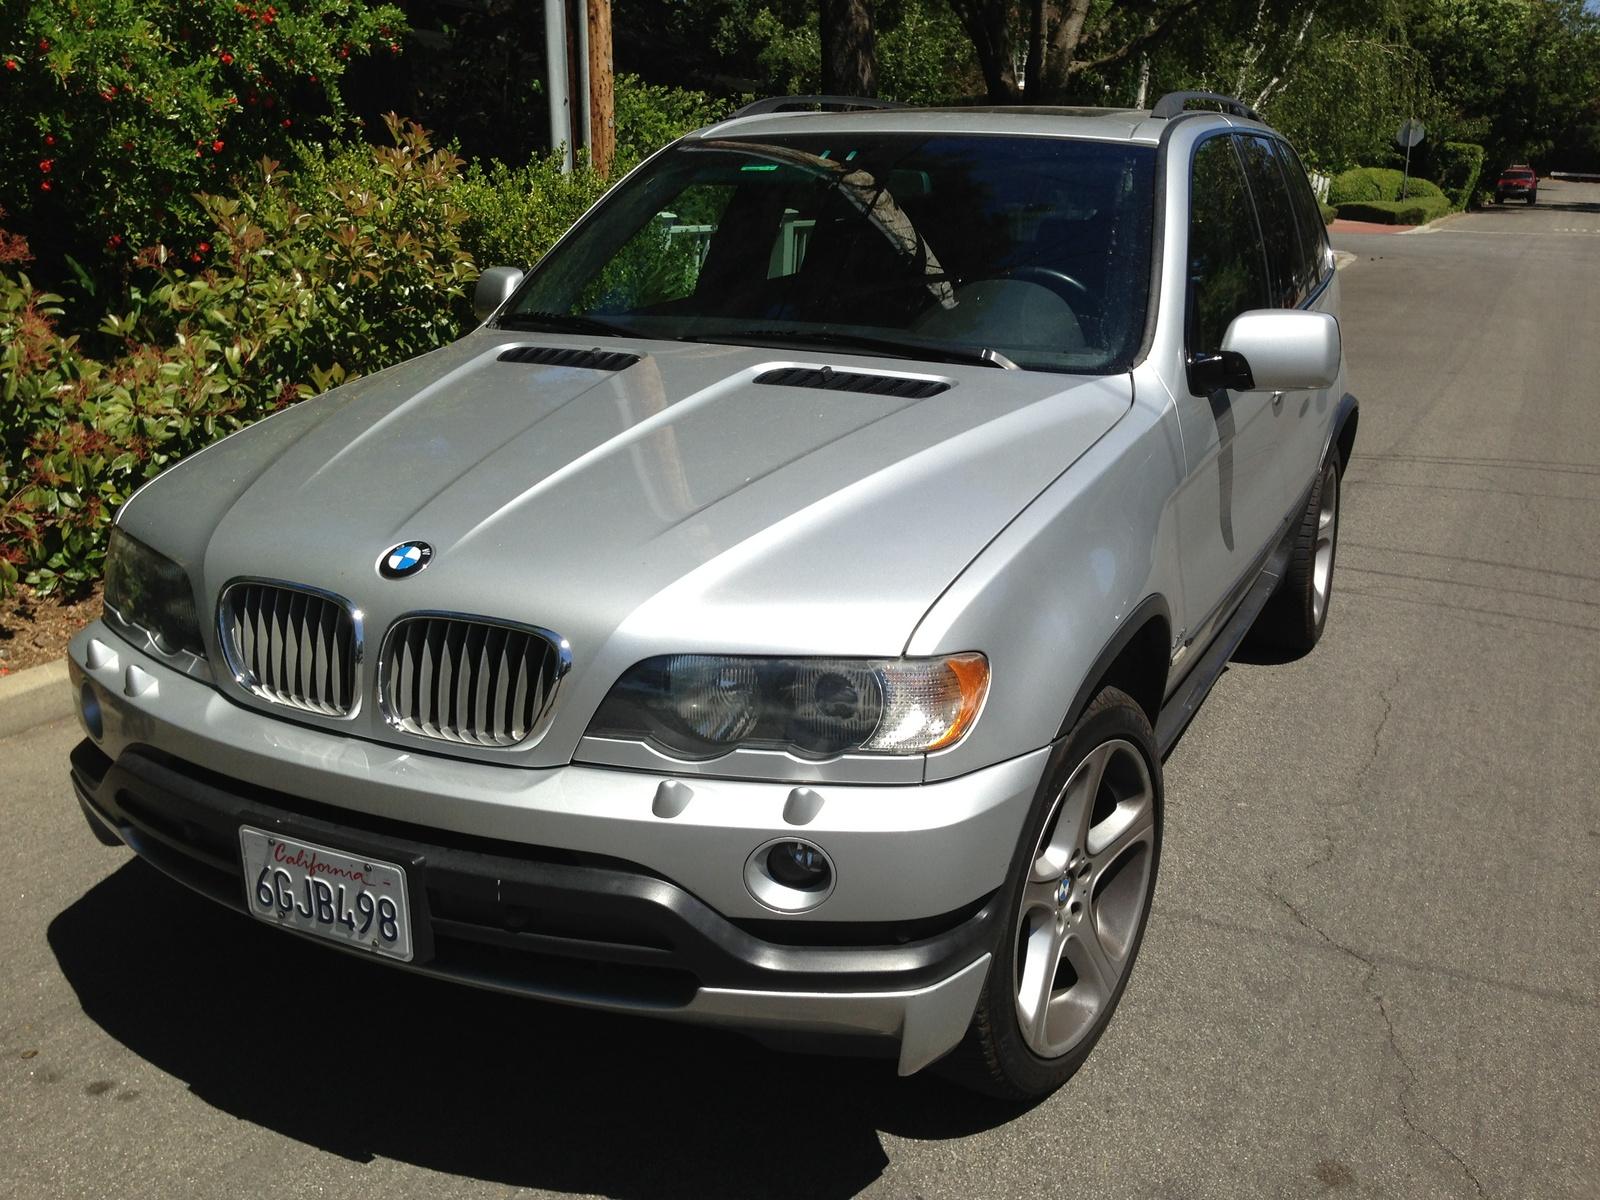 2003 BMW X5 - Pictures - CarGurus